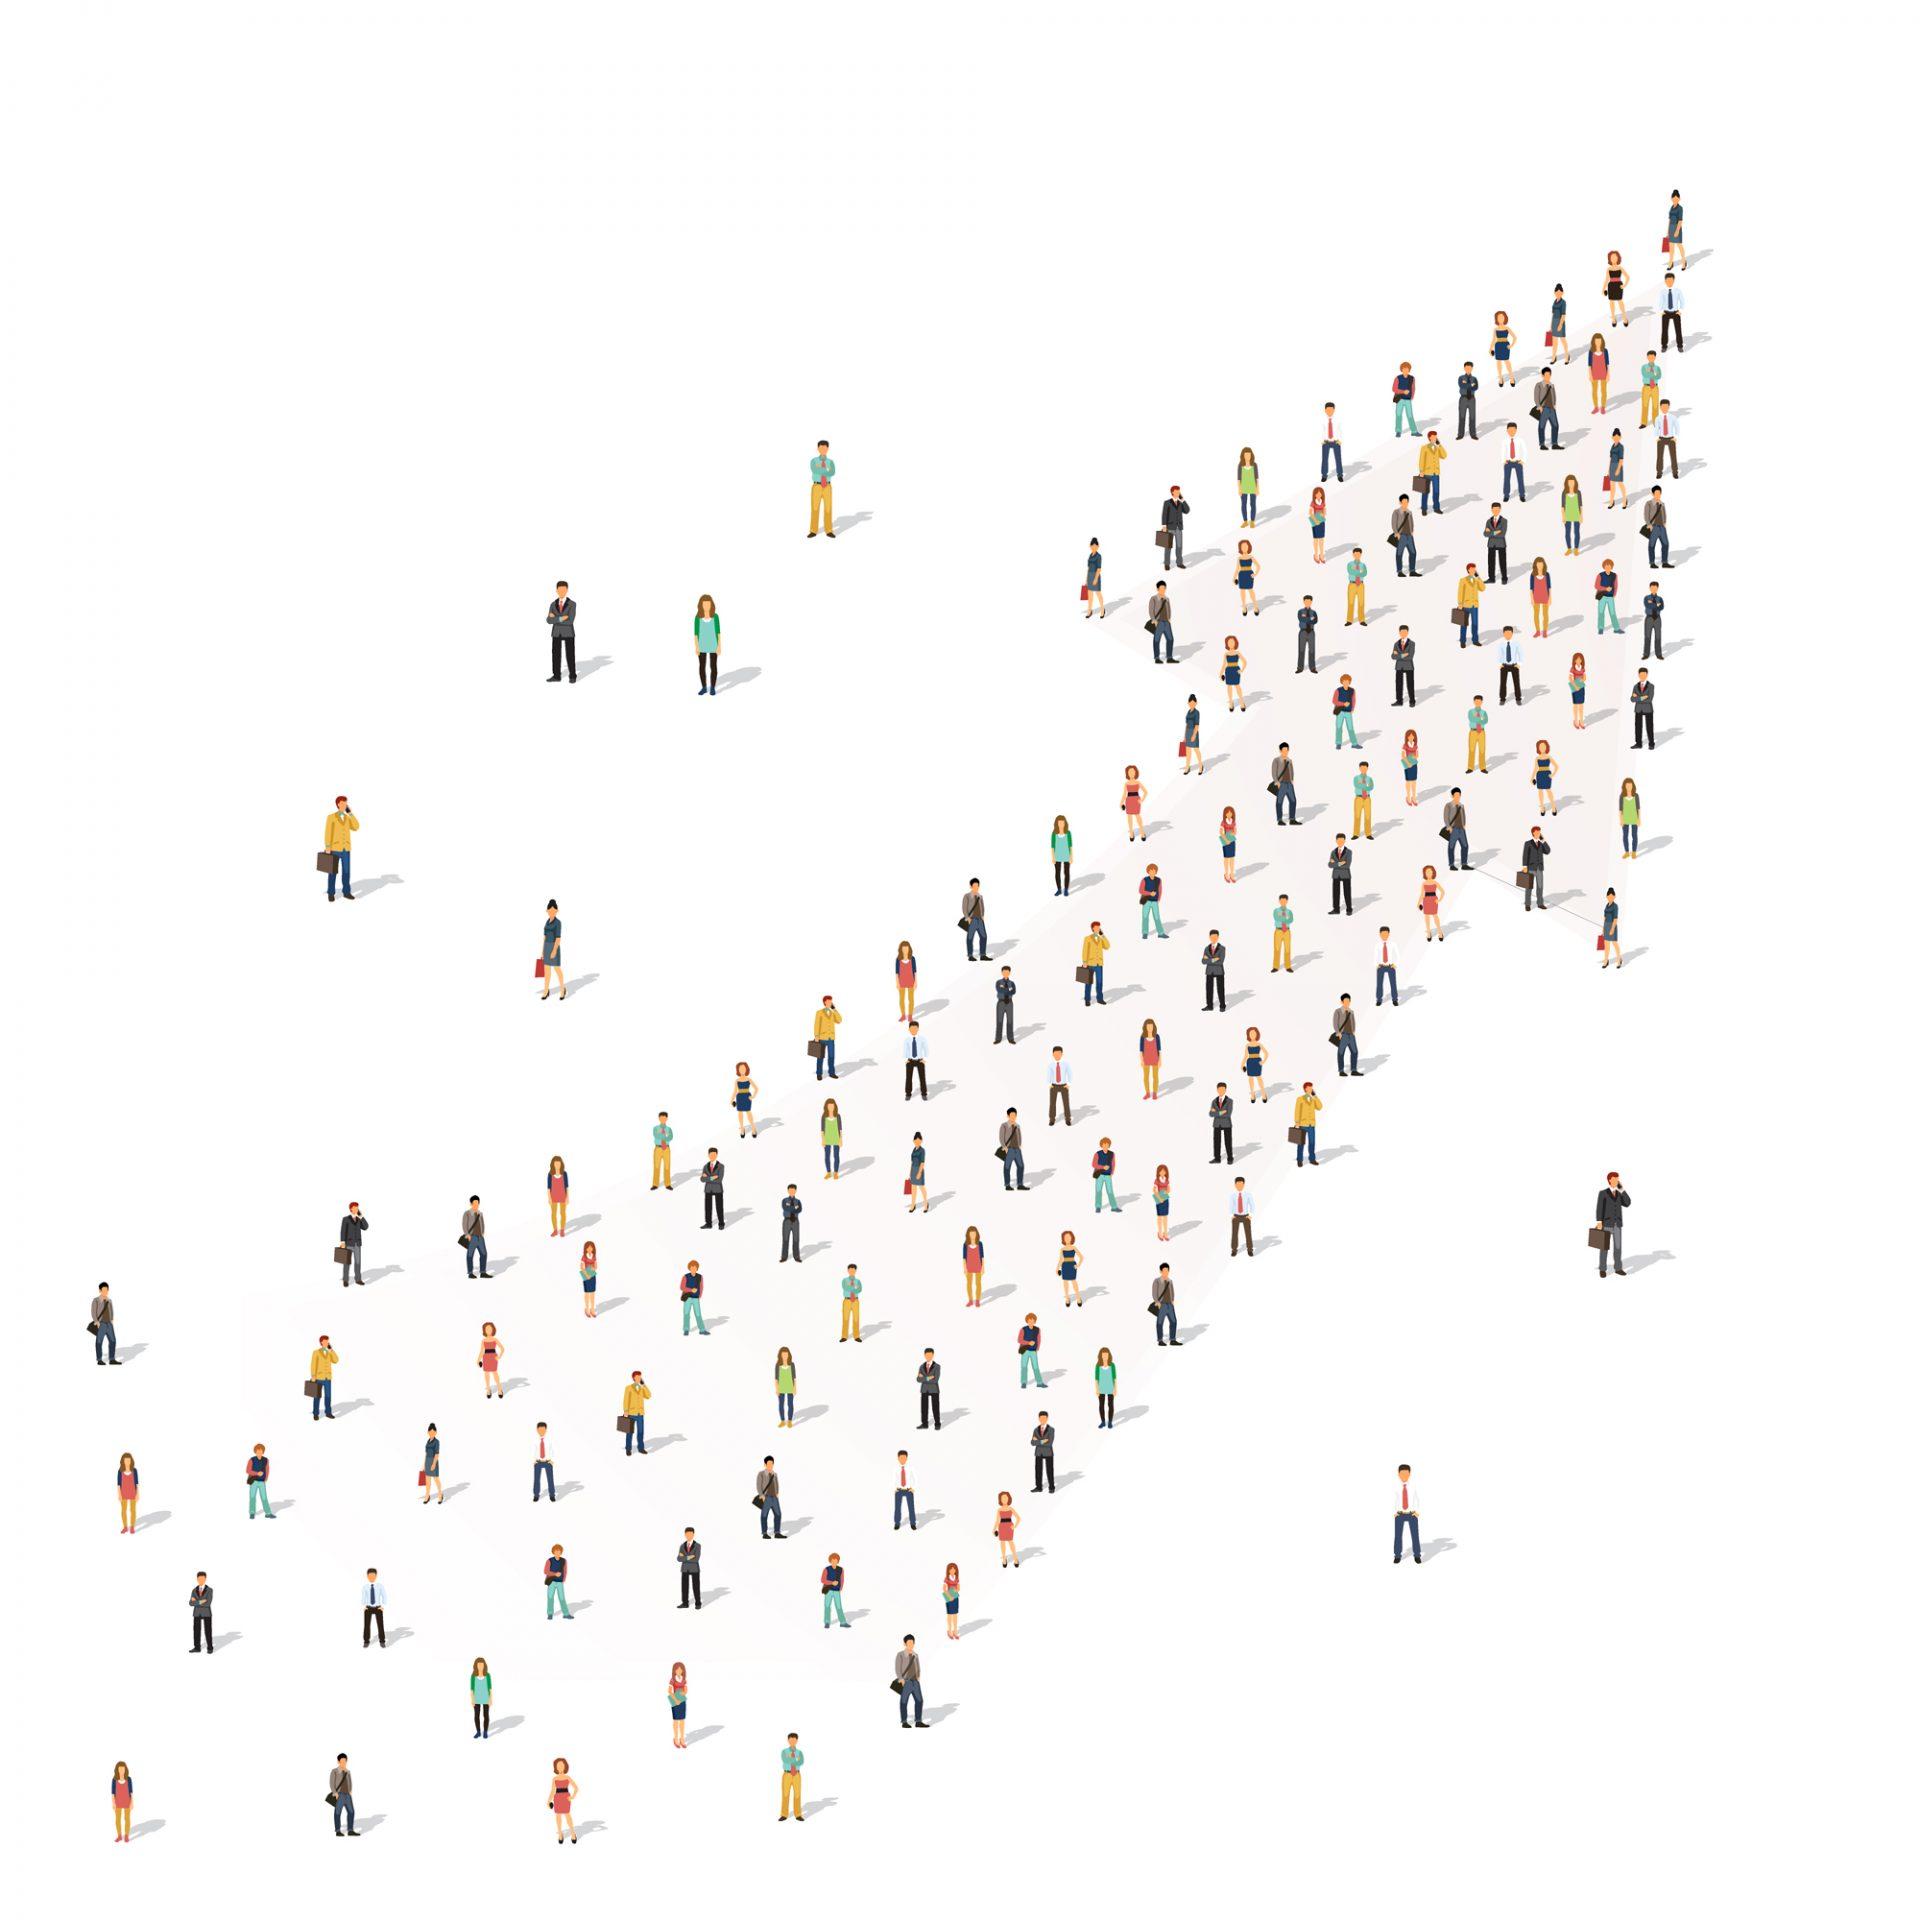 Entenda o sentimento do mercado e seus participantes